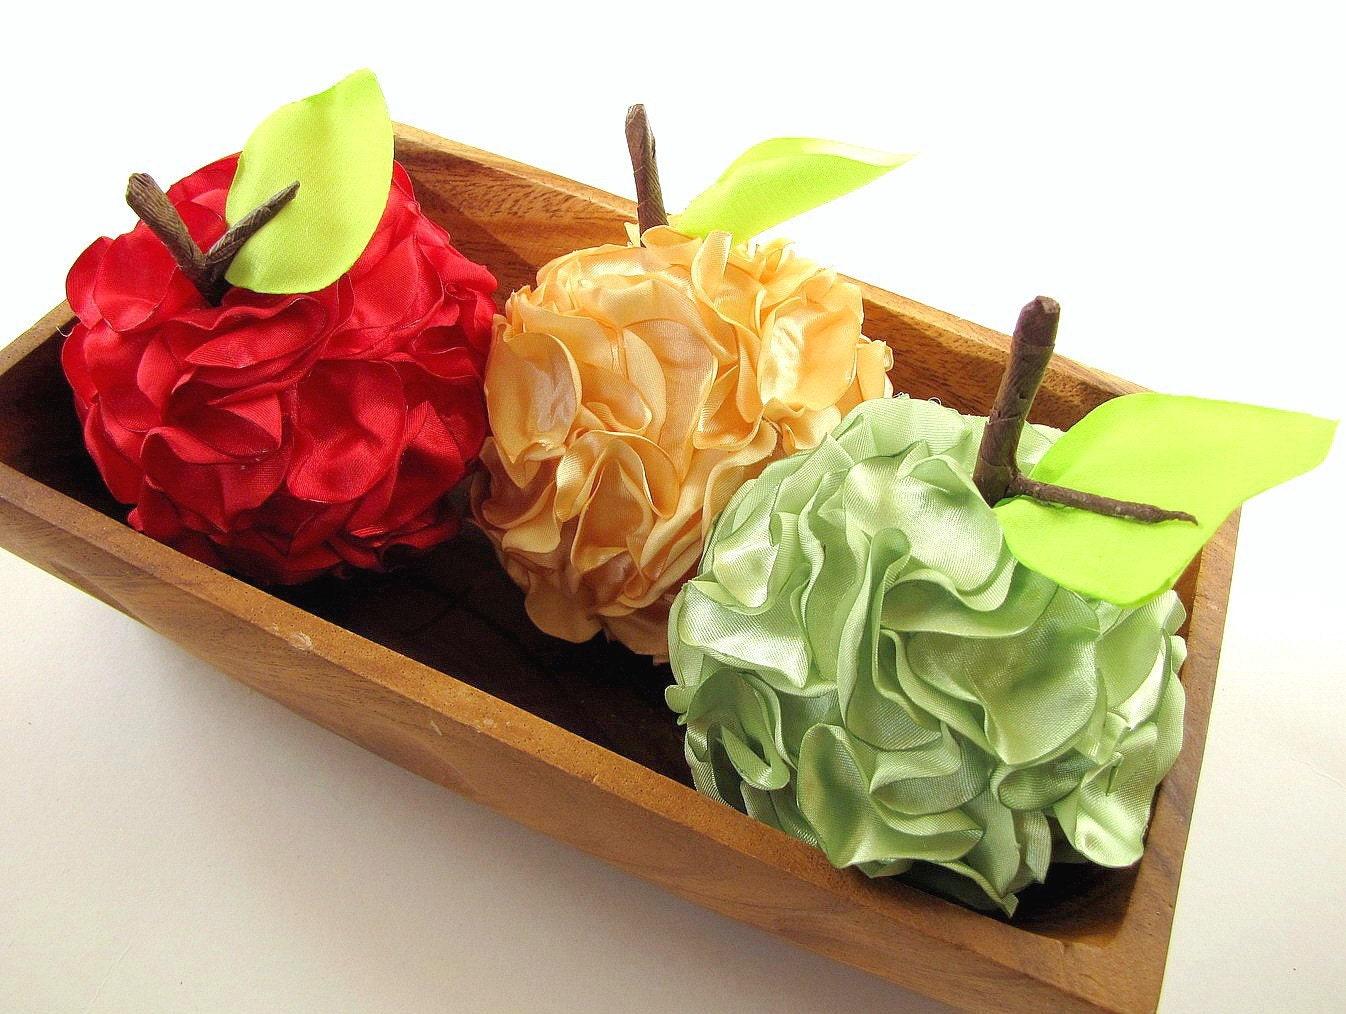 NEW-ручной работы домой декоративные аксессуары - зеленых яблок